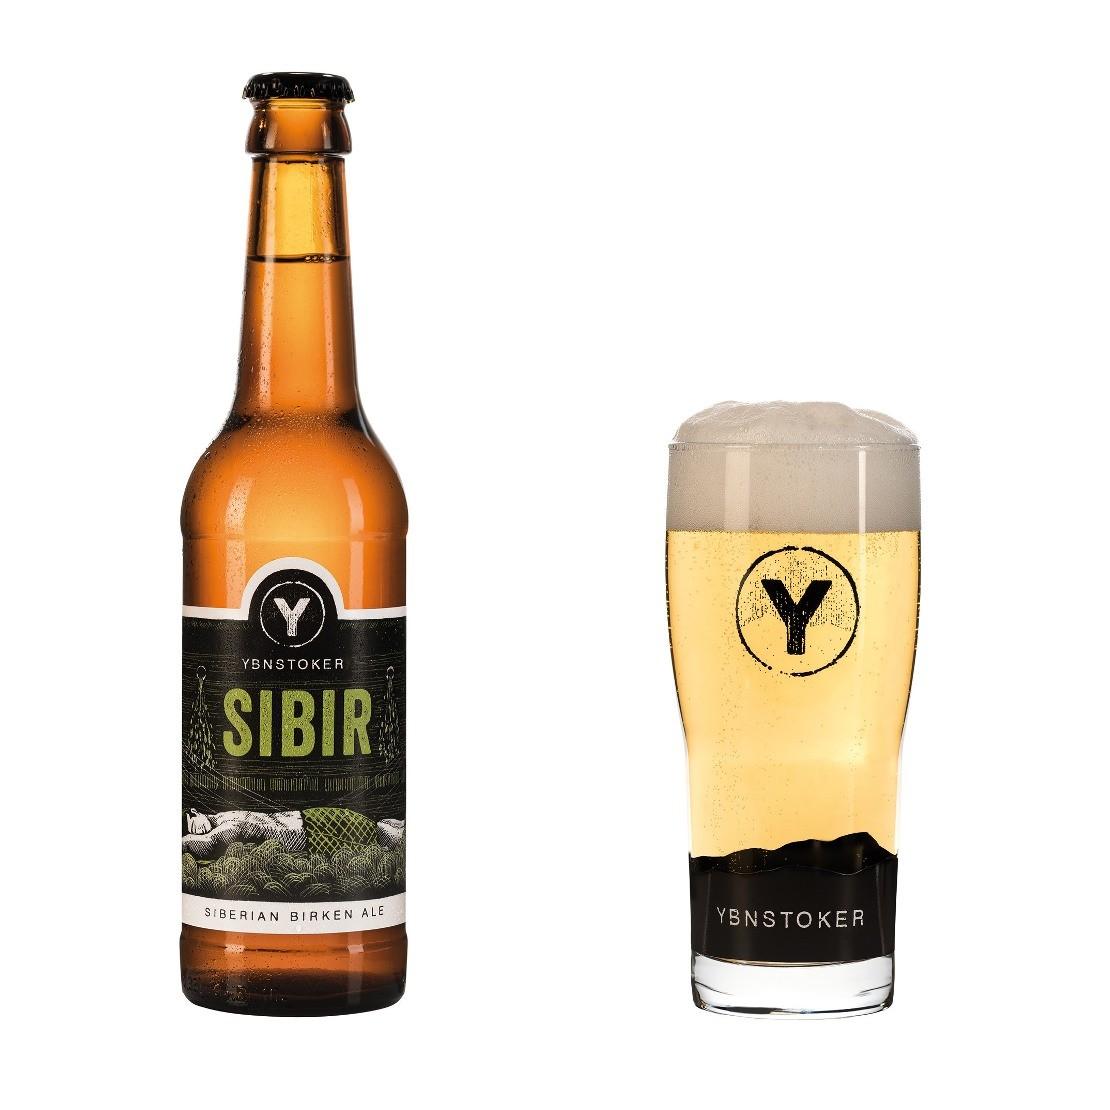 Ybnstoker Sibir 0,33L